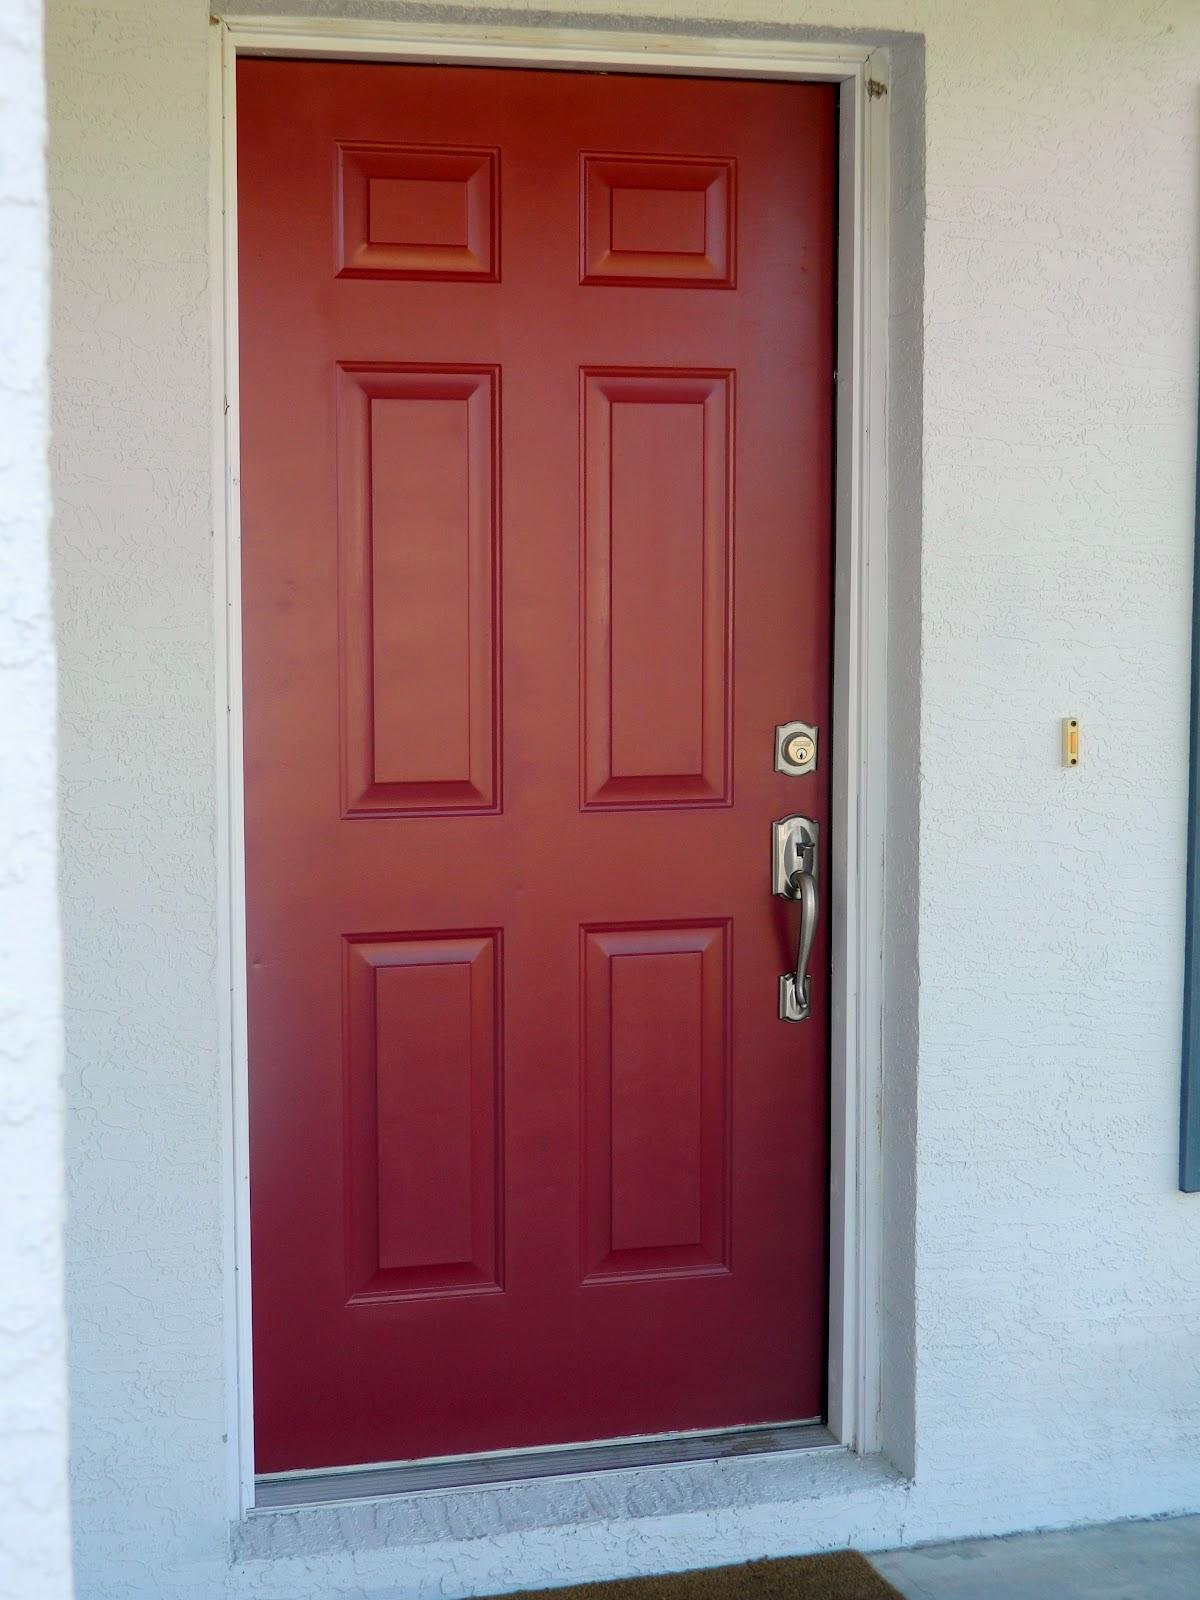 Exterior Door Colors: Come On Over: Front Door Progress